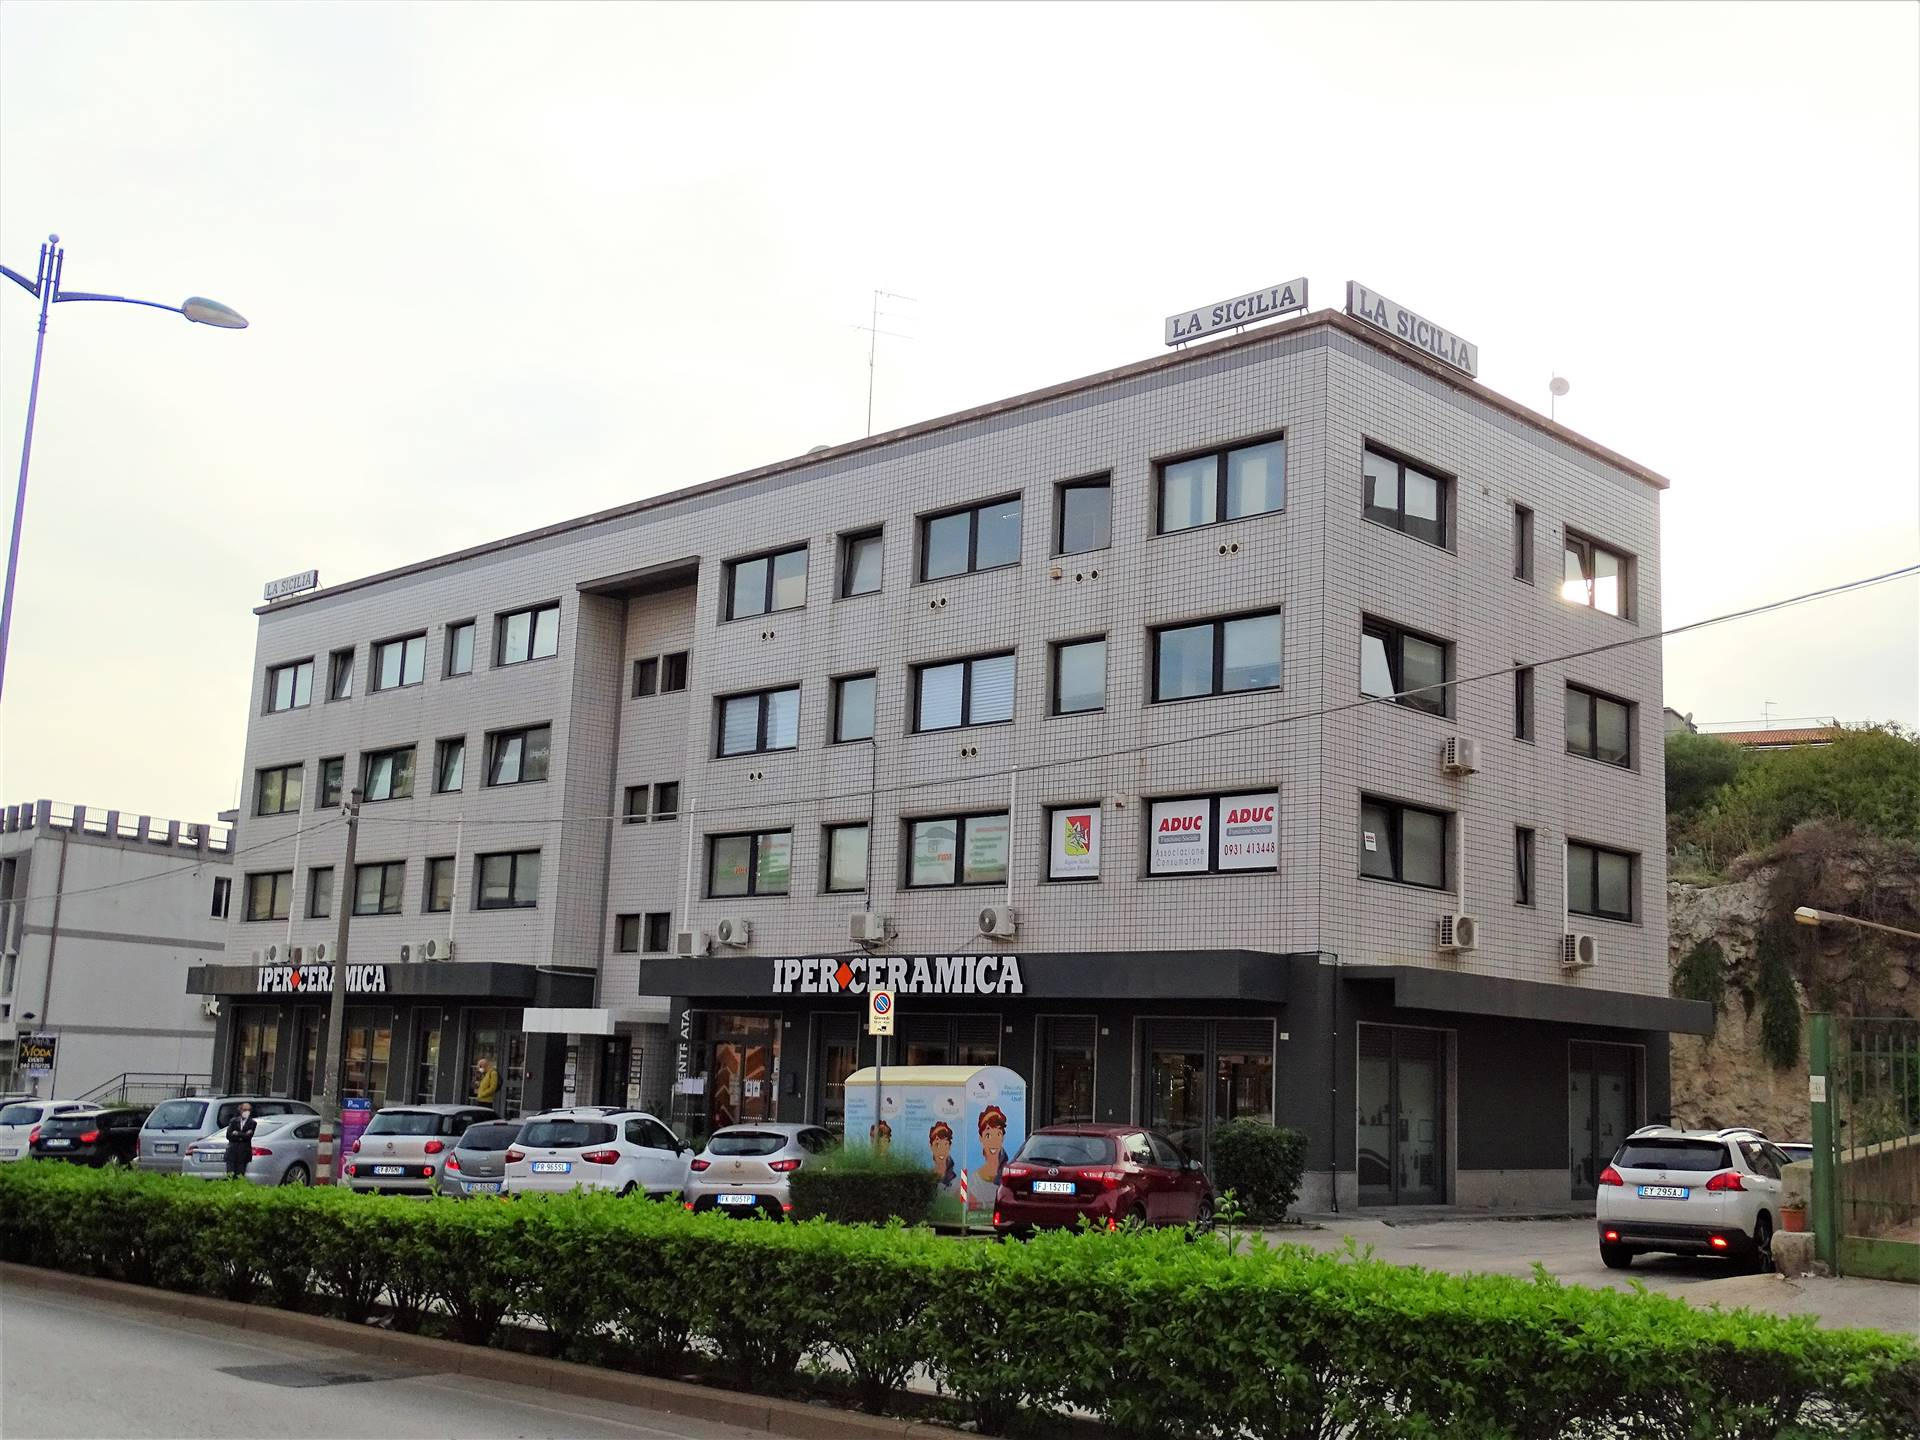 Ufficio / Studio in vendita a Siracusa, 3 locali, zona Località: TERACATI, prezzo € 45.000 | CambioCasa.it